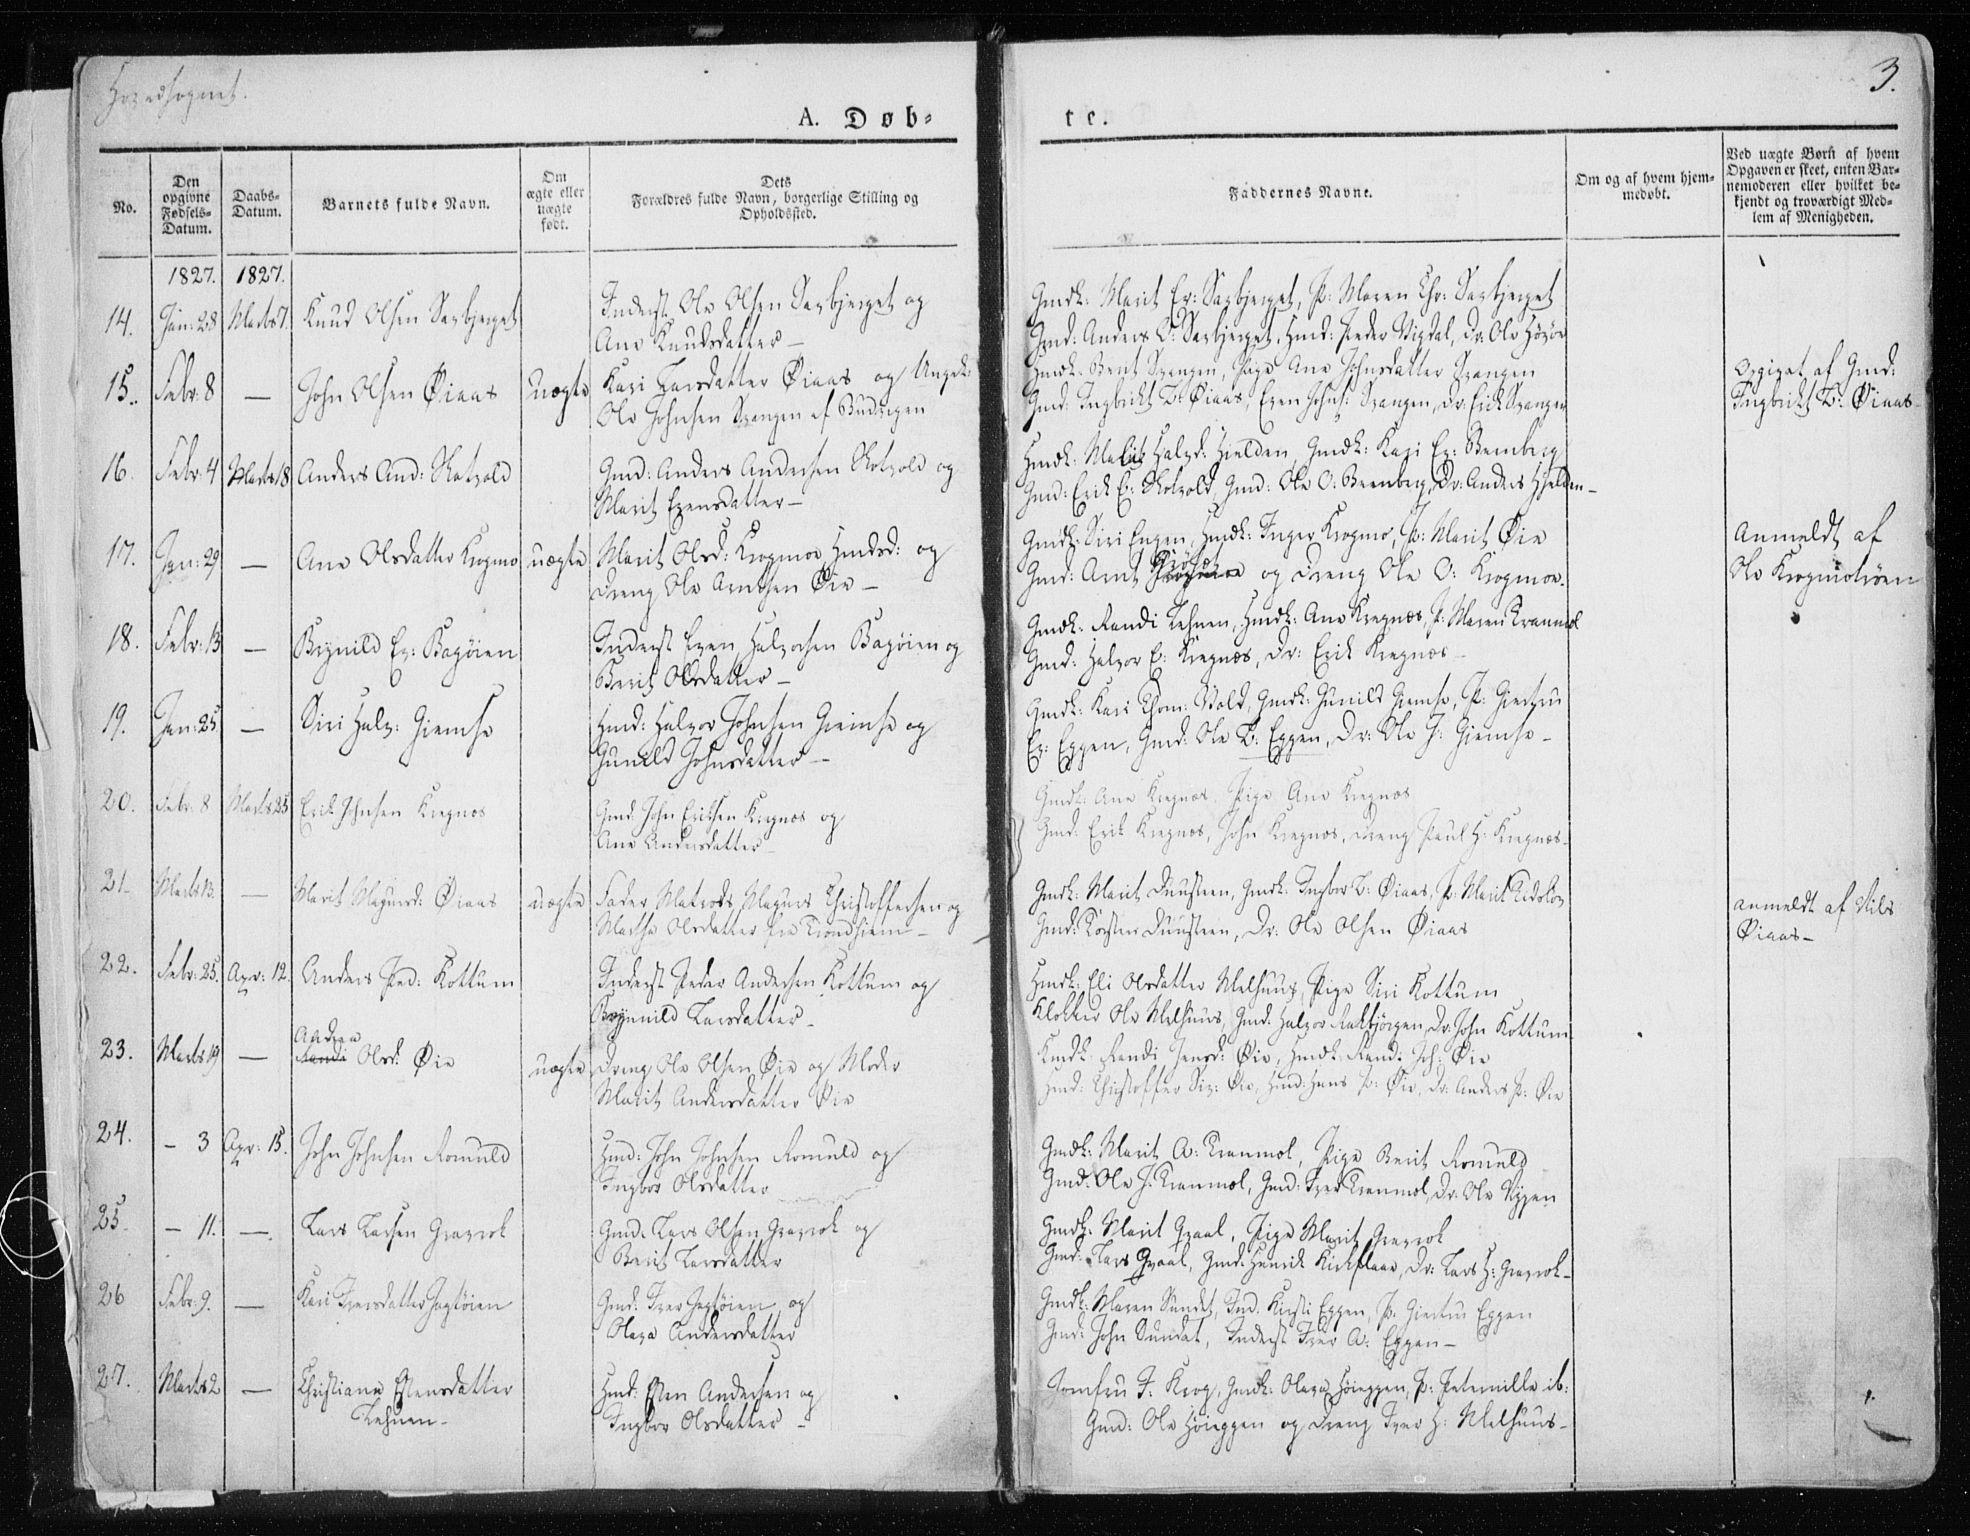 SAT, Ministerialprotokoller, klokkerbøker og fødselsregistre - Sør-Trøndelag, 691/L1069: Ministerialbok nr. 691A04, 1826-1841, s. 3